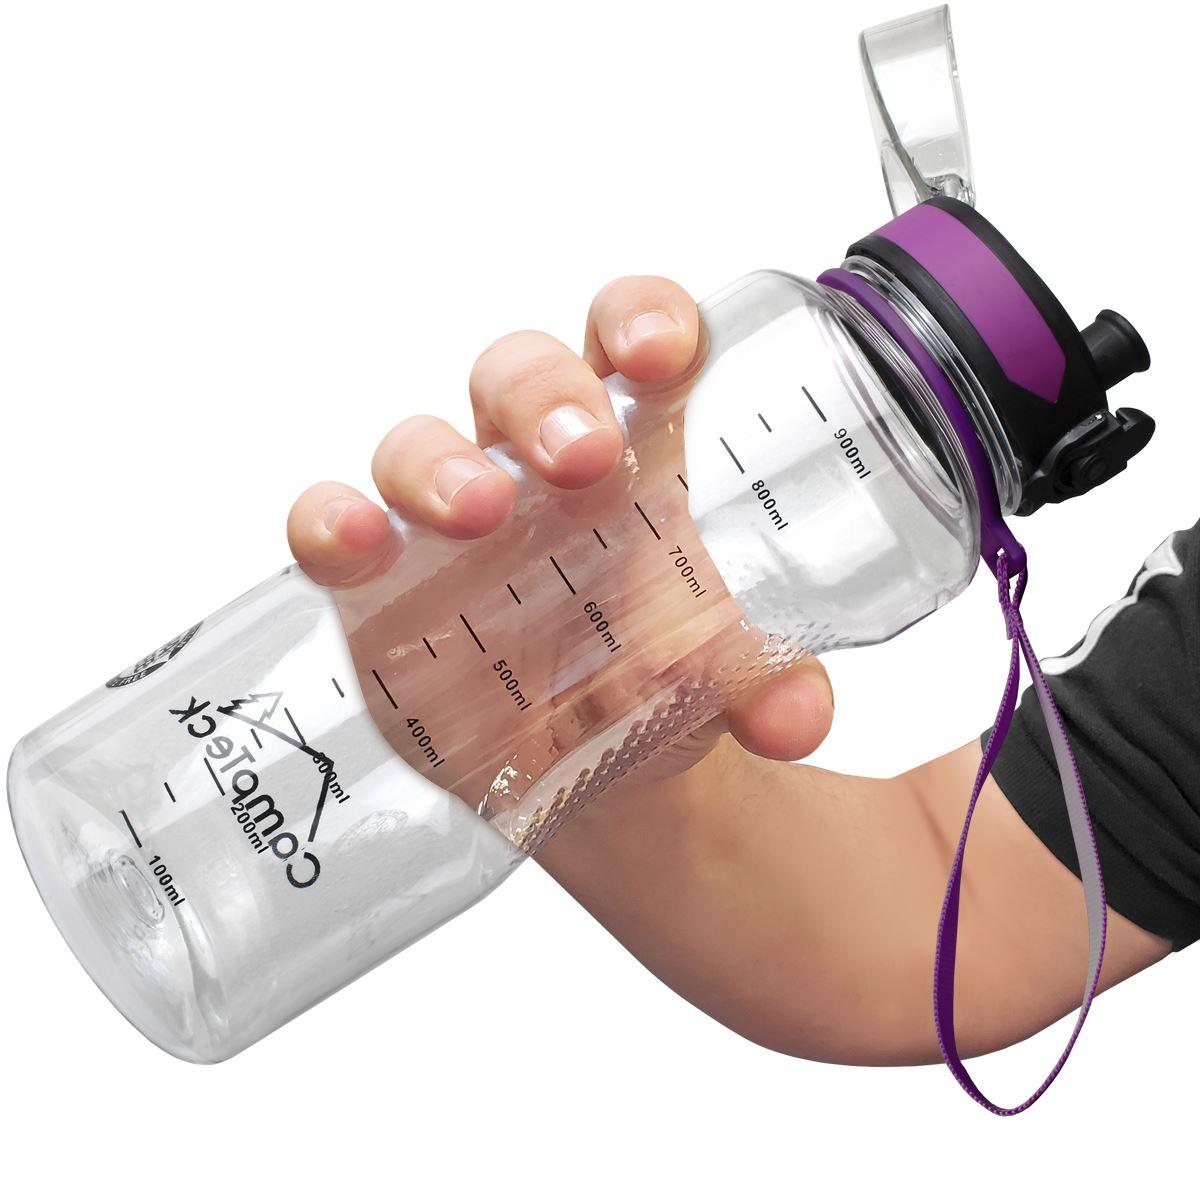 Sports-1-Litre-Water-Bottle-1000ml-BPA-Free-Leak-Proof-Drinks-Flip-Lock-Lid thumbnail 12